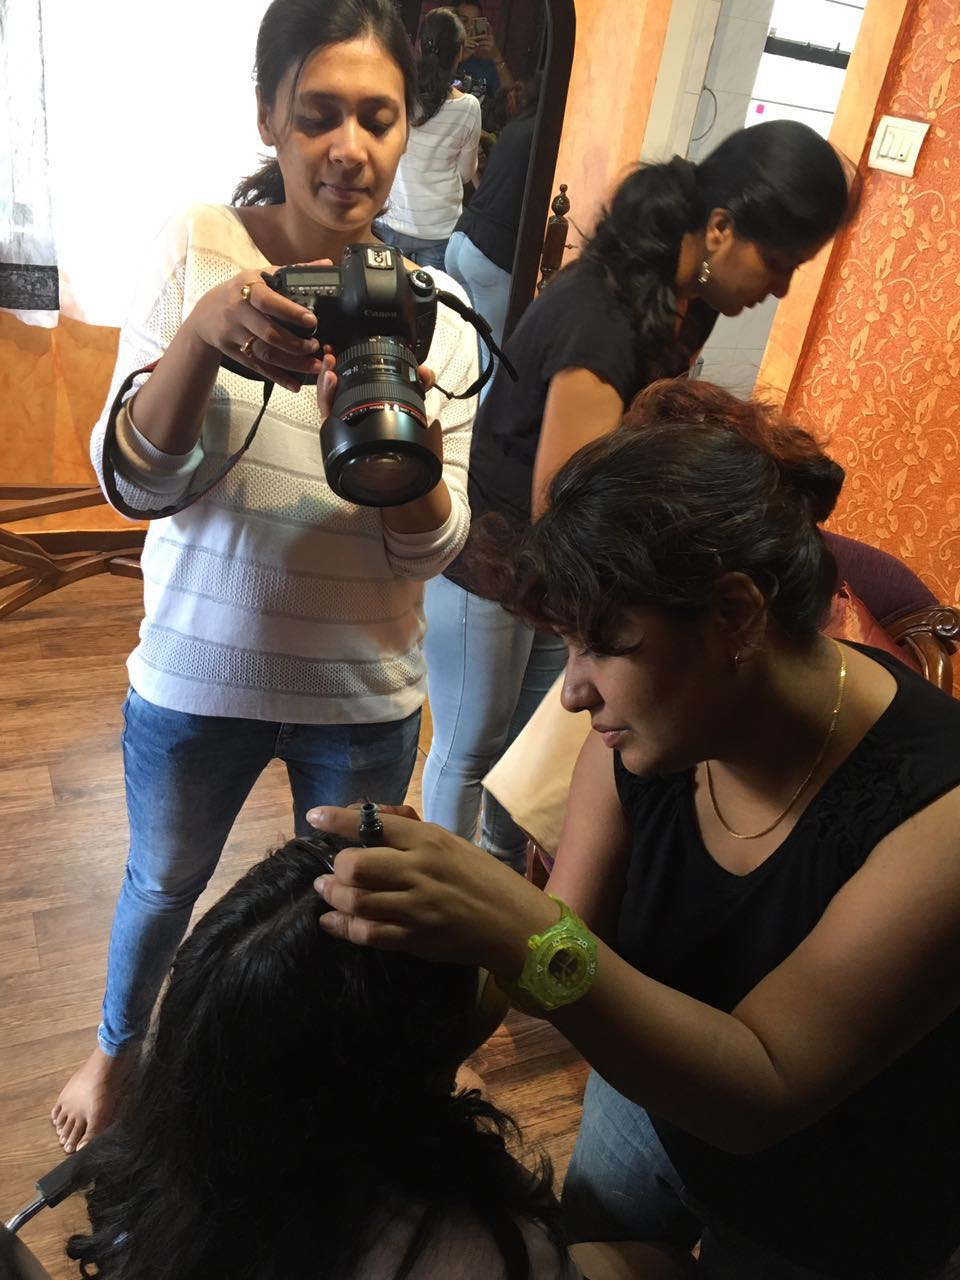 makeup_art_behind_the_scenes.jpg